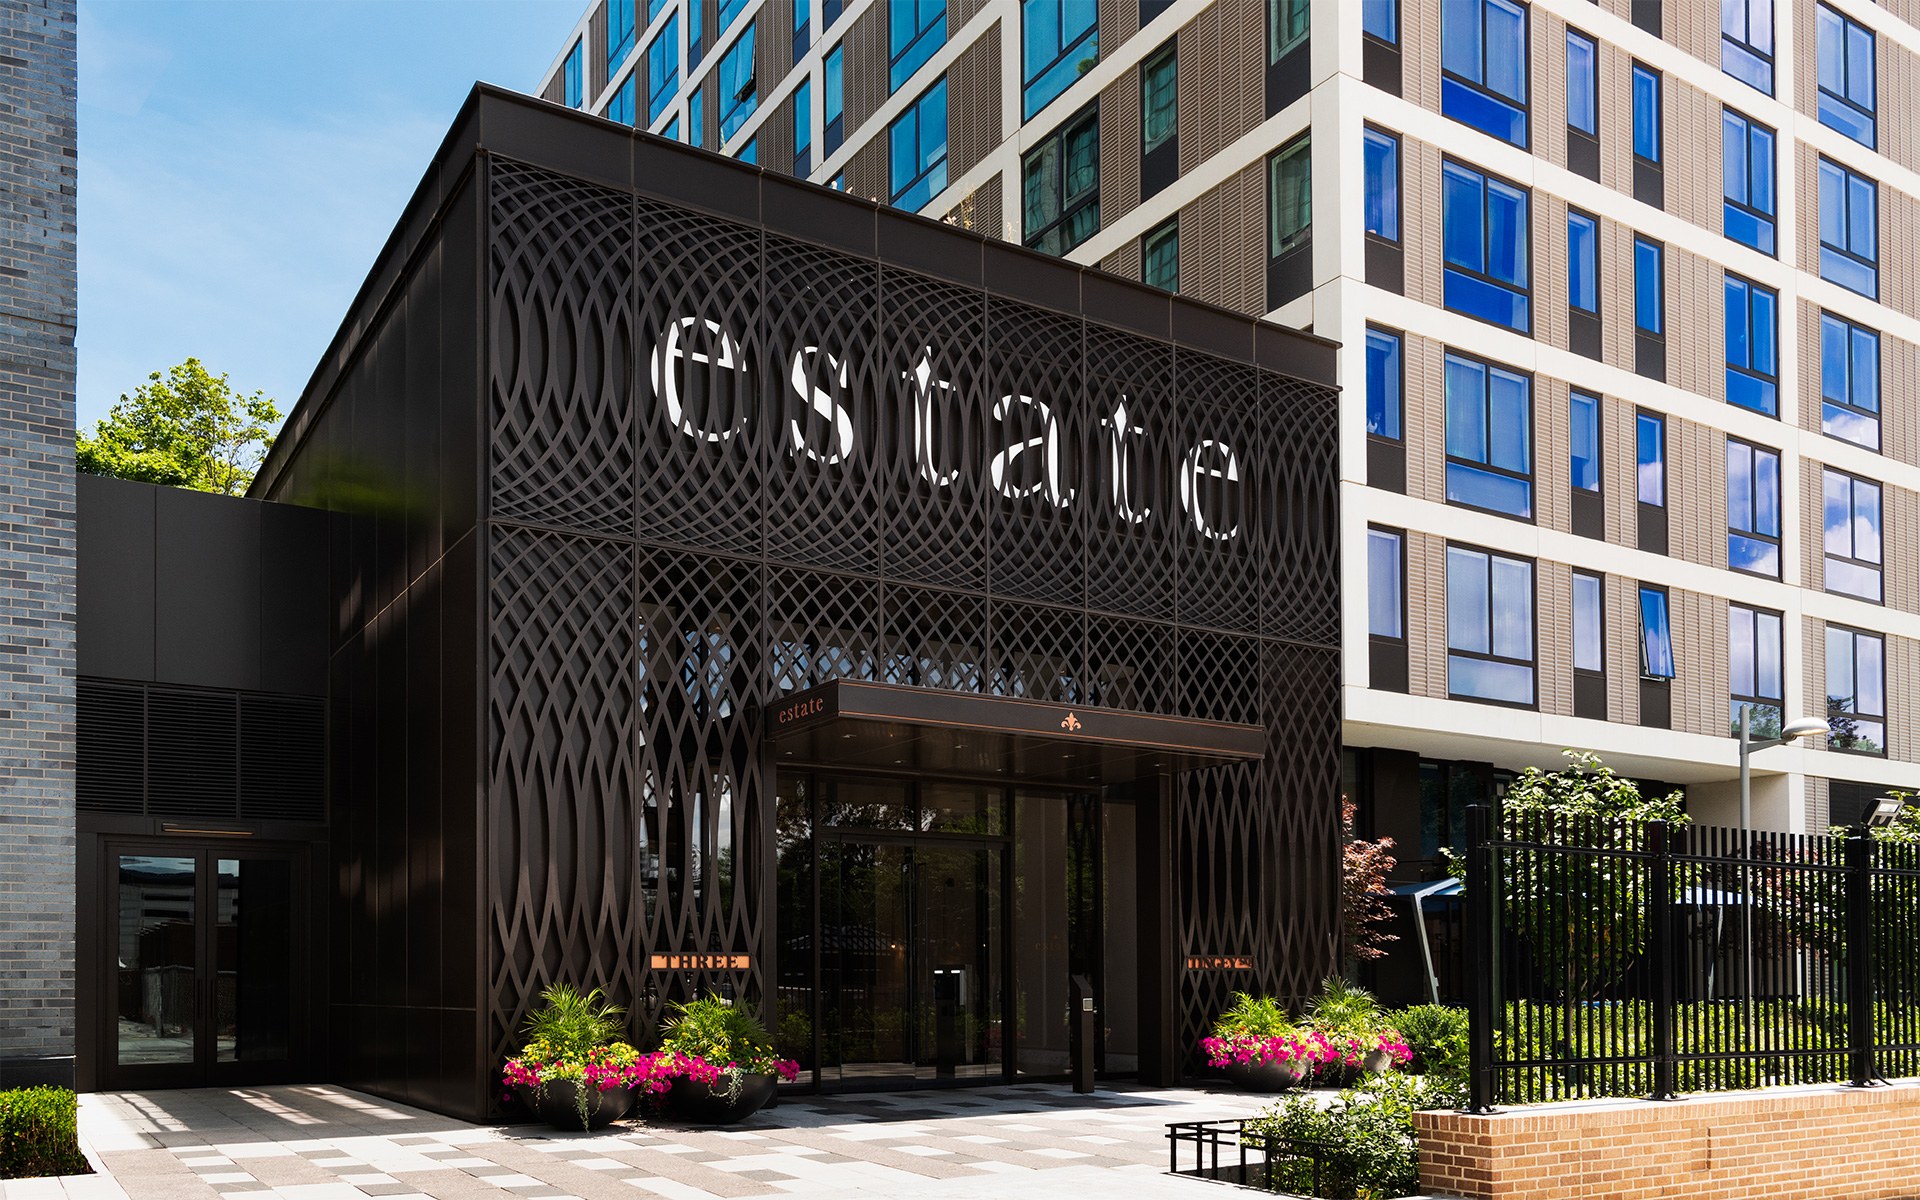 Estate_Exterior_Retouched_1920x1200